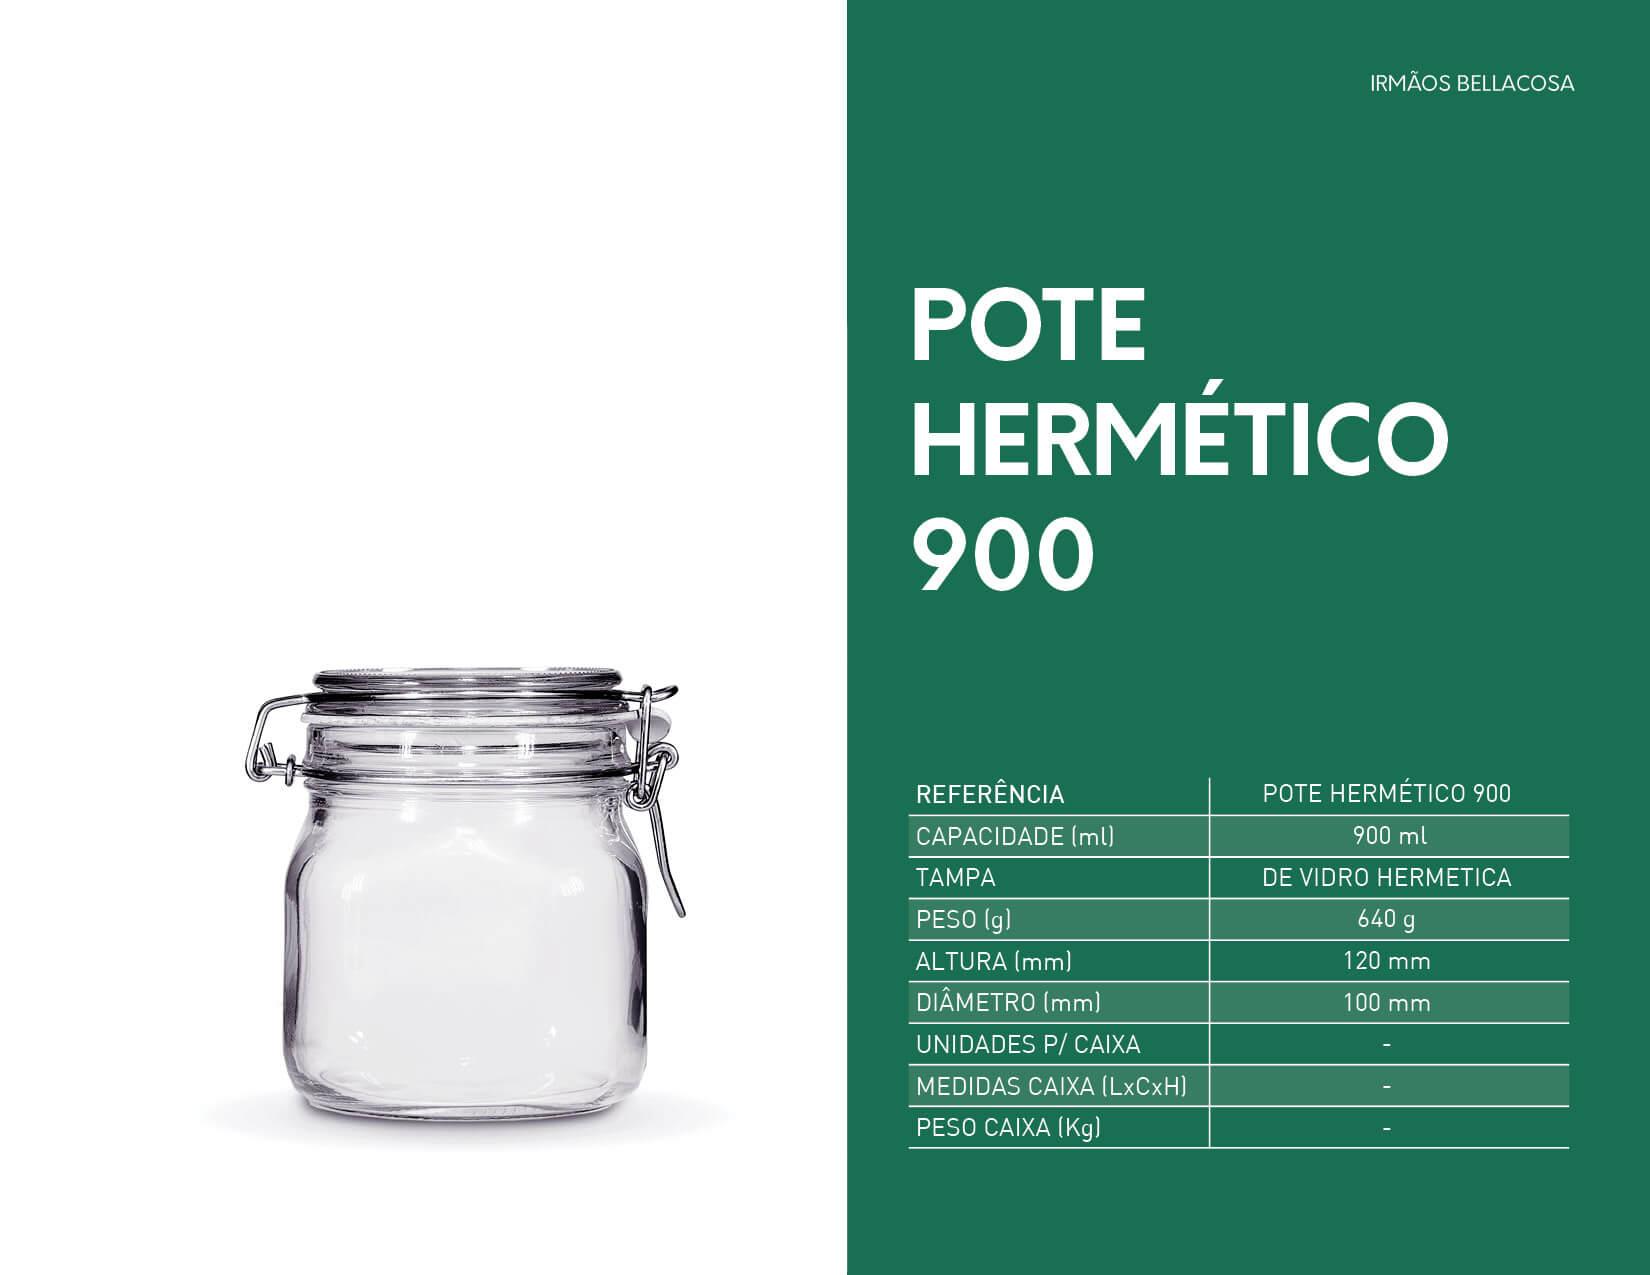 019-Pote-Hermetico-900-irmaos-bellacosa-embalagens-de-vidro